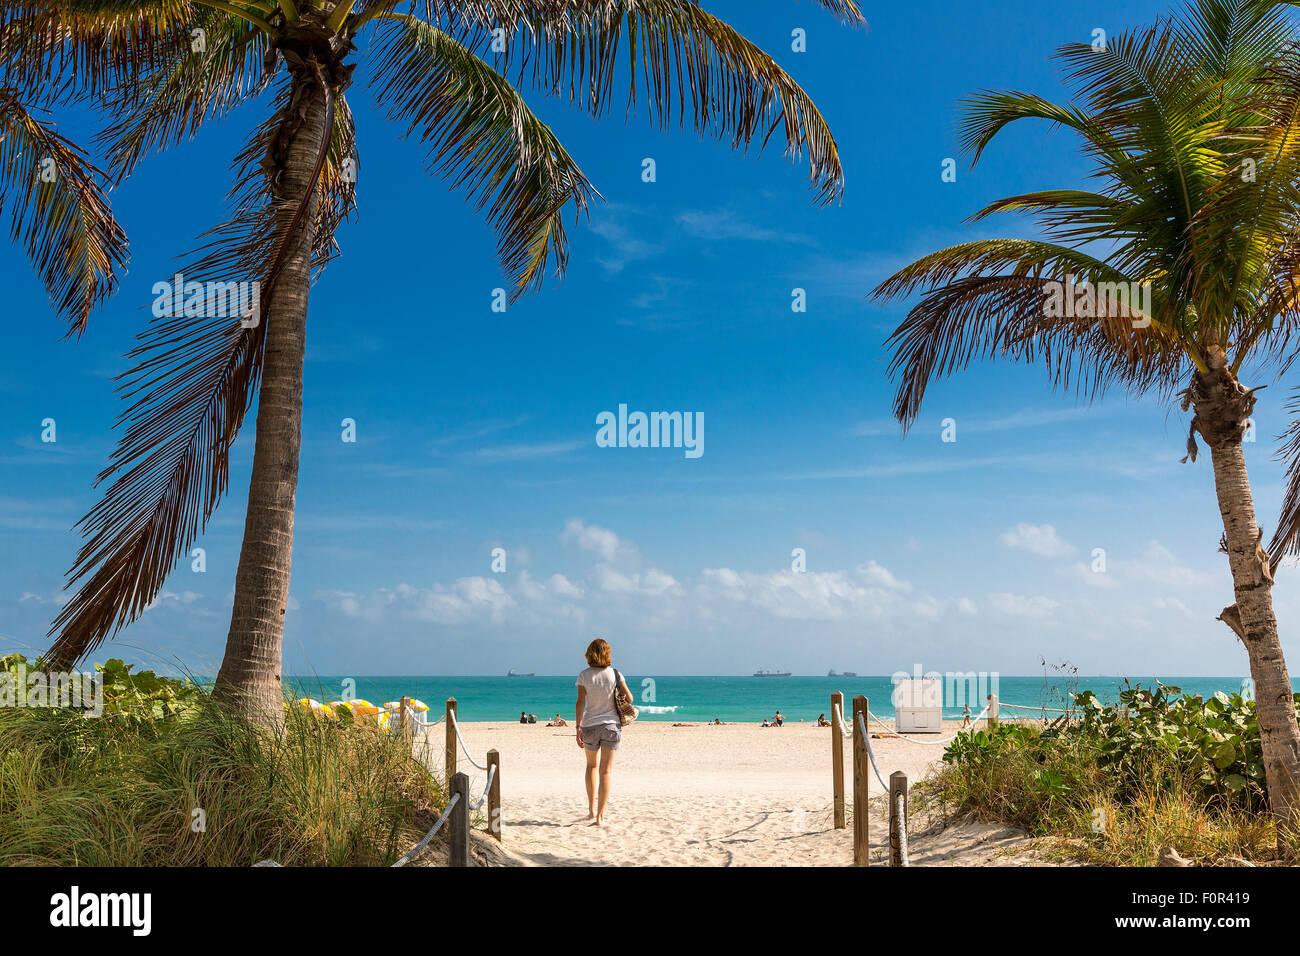 Florida, Miami, South beach - Stock Image